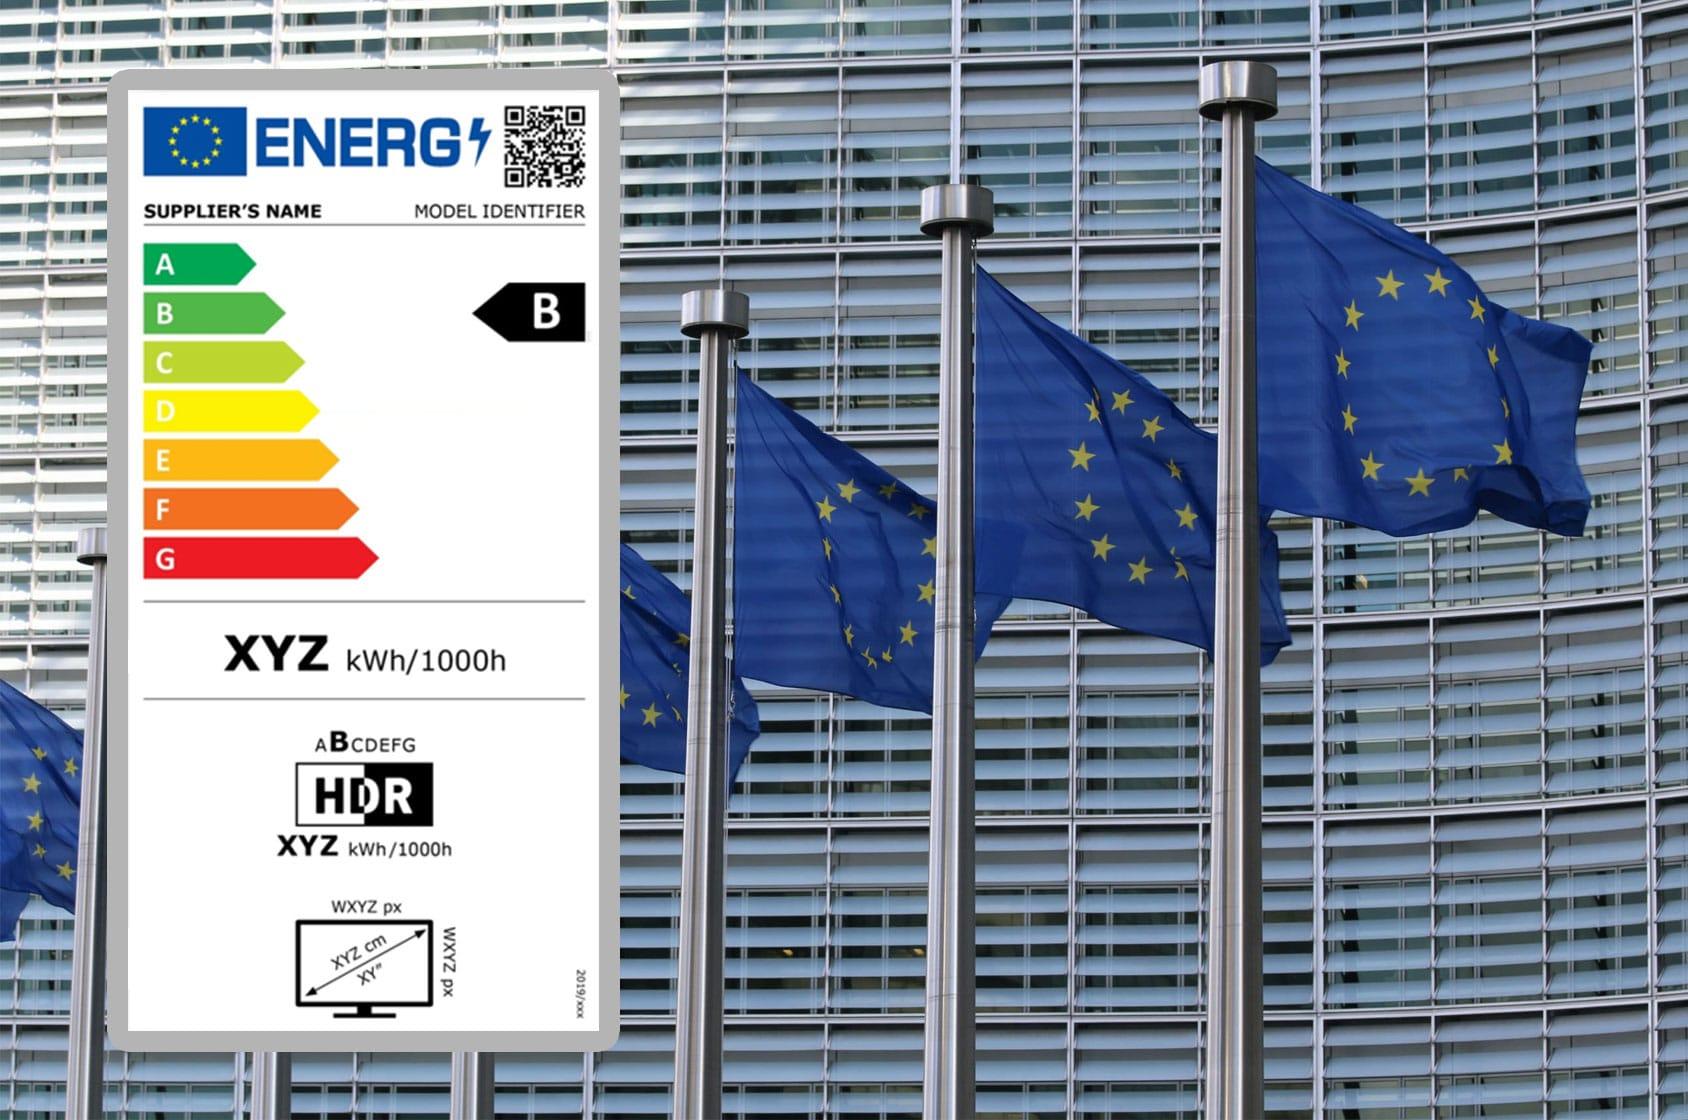 Energieeffizienzklassen-Neue-EU-Labels-weisen-SDR-und-HDR-Stromverbrauch-getrennt-aus